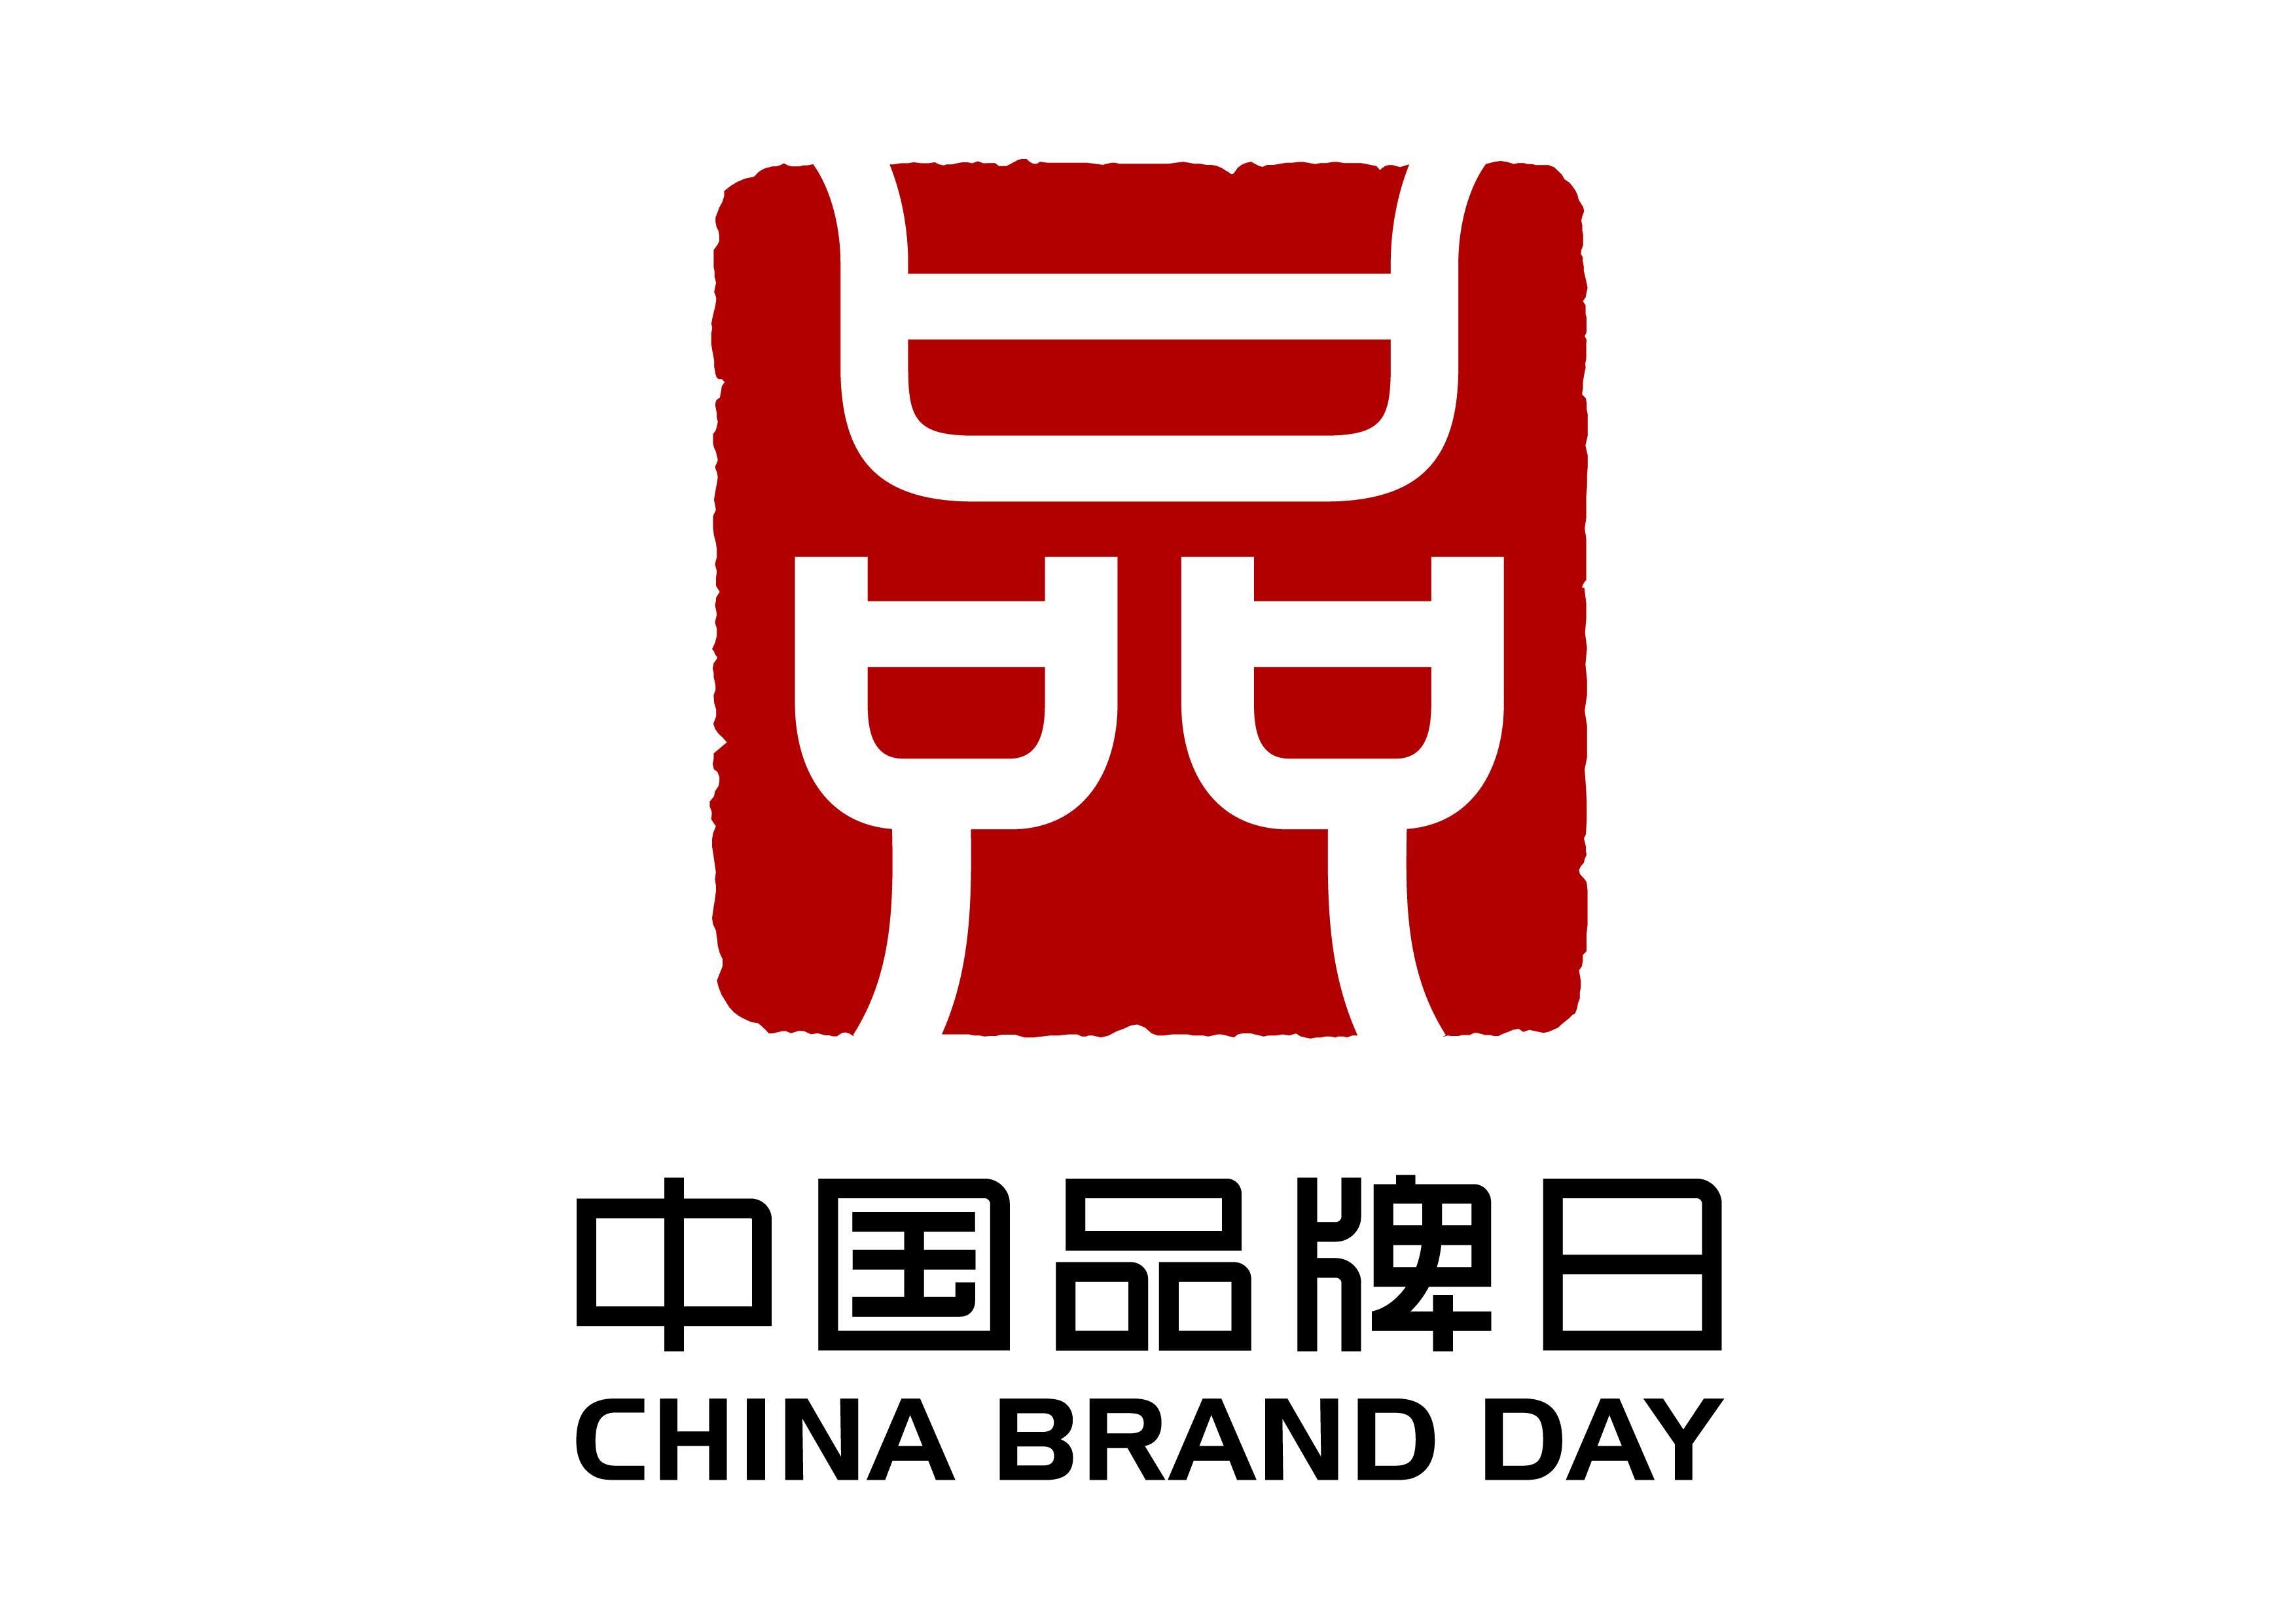 平安彩票合法吗:中国品牌日标识发布_首届中国品牌日系列活动倒计时